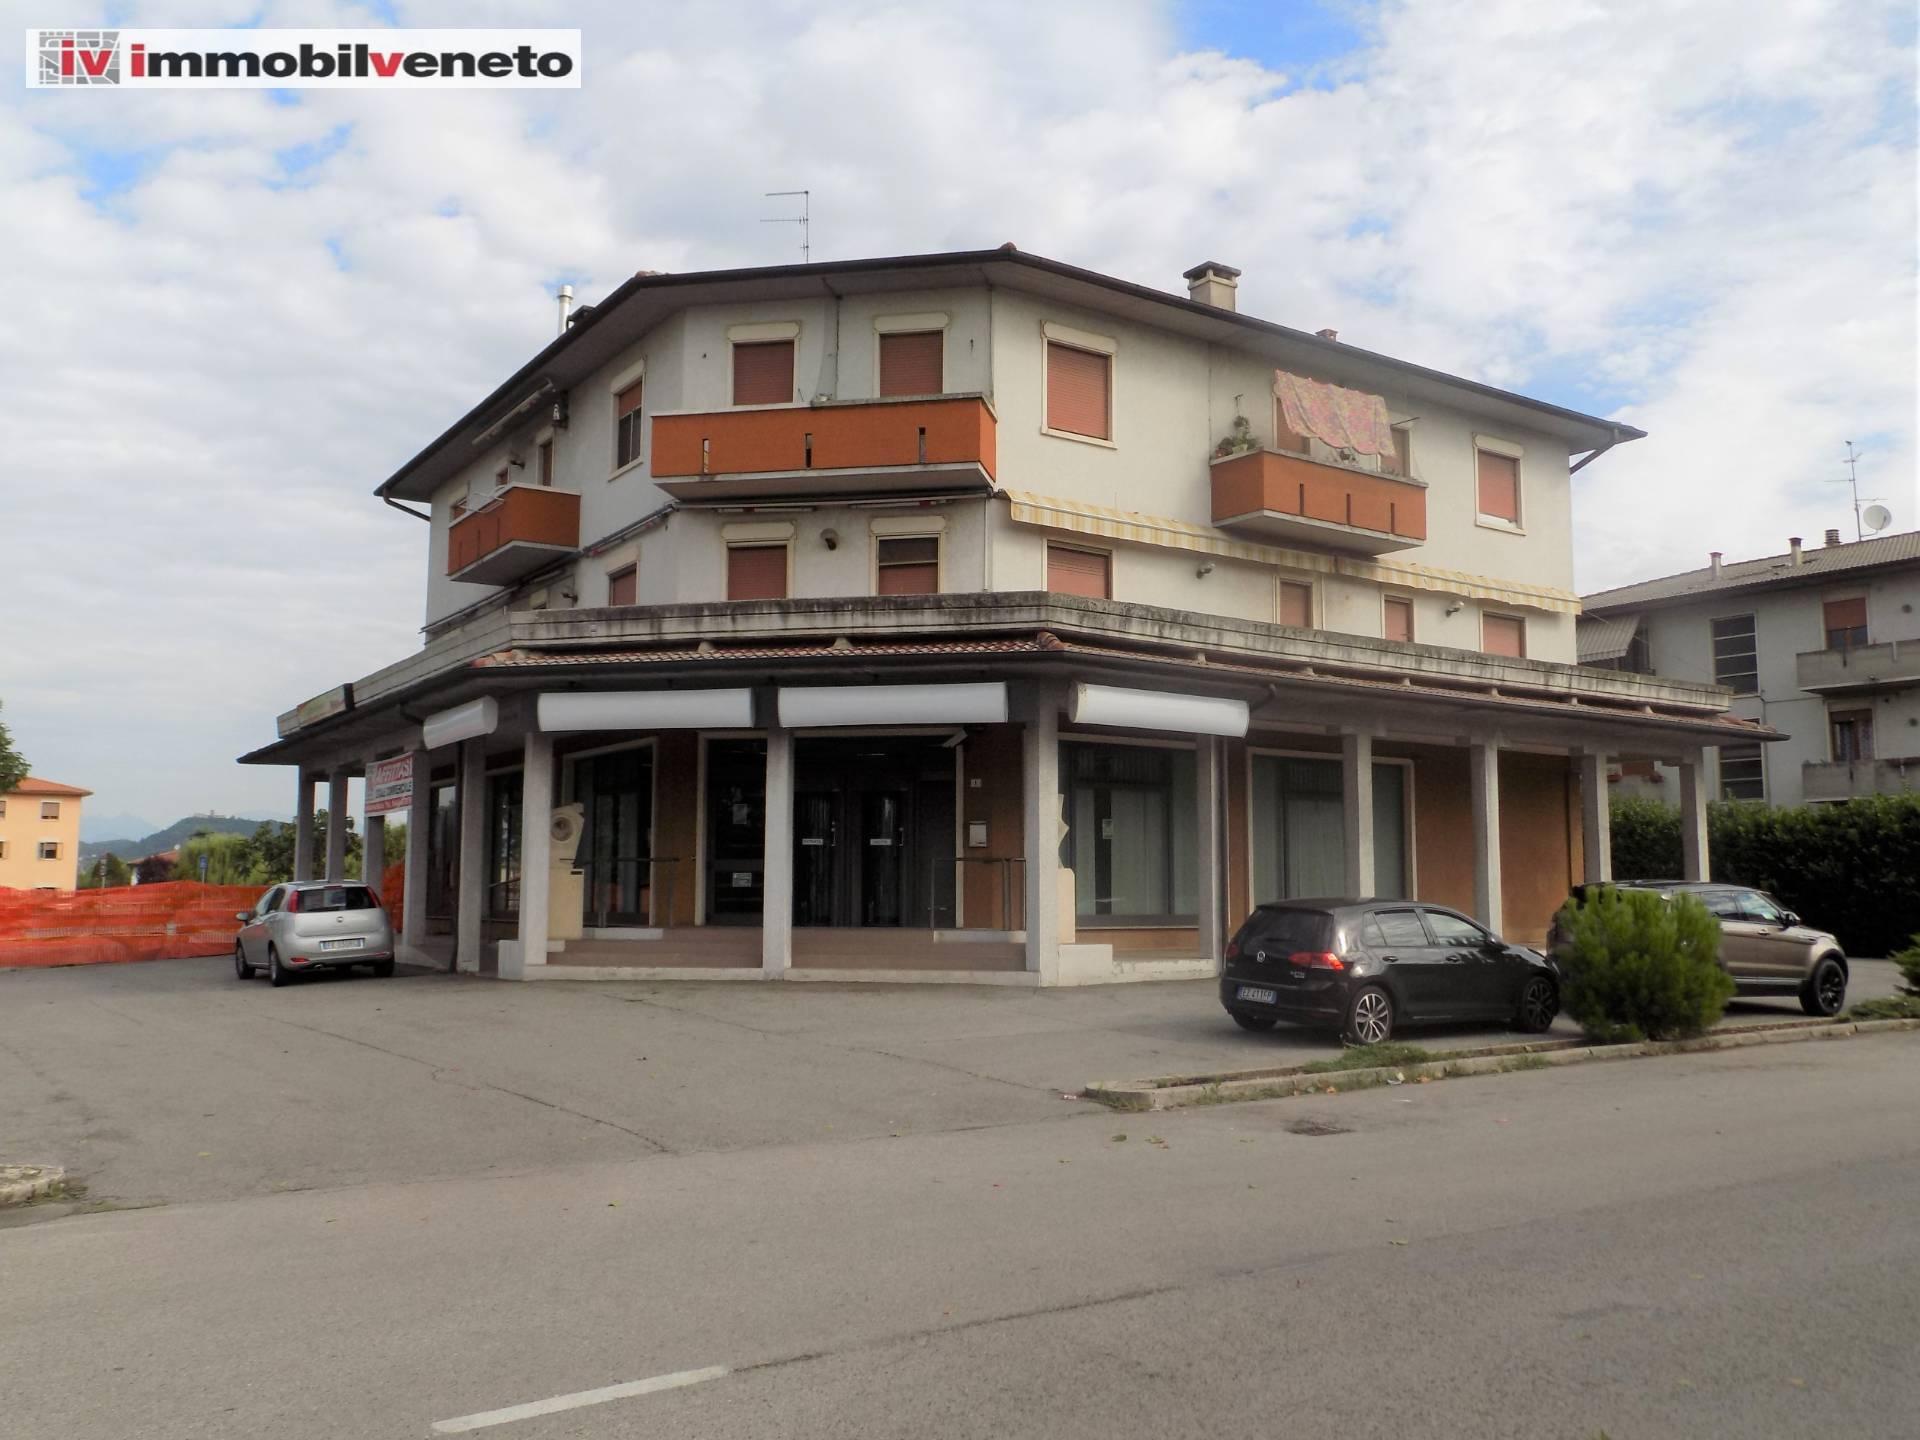 Attività / Licenza in affitto a Brendola, 9999 locali, Trattative riservate | CambioCasa.it